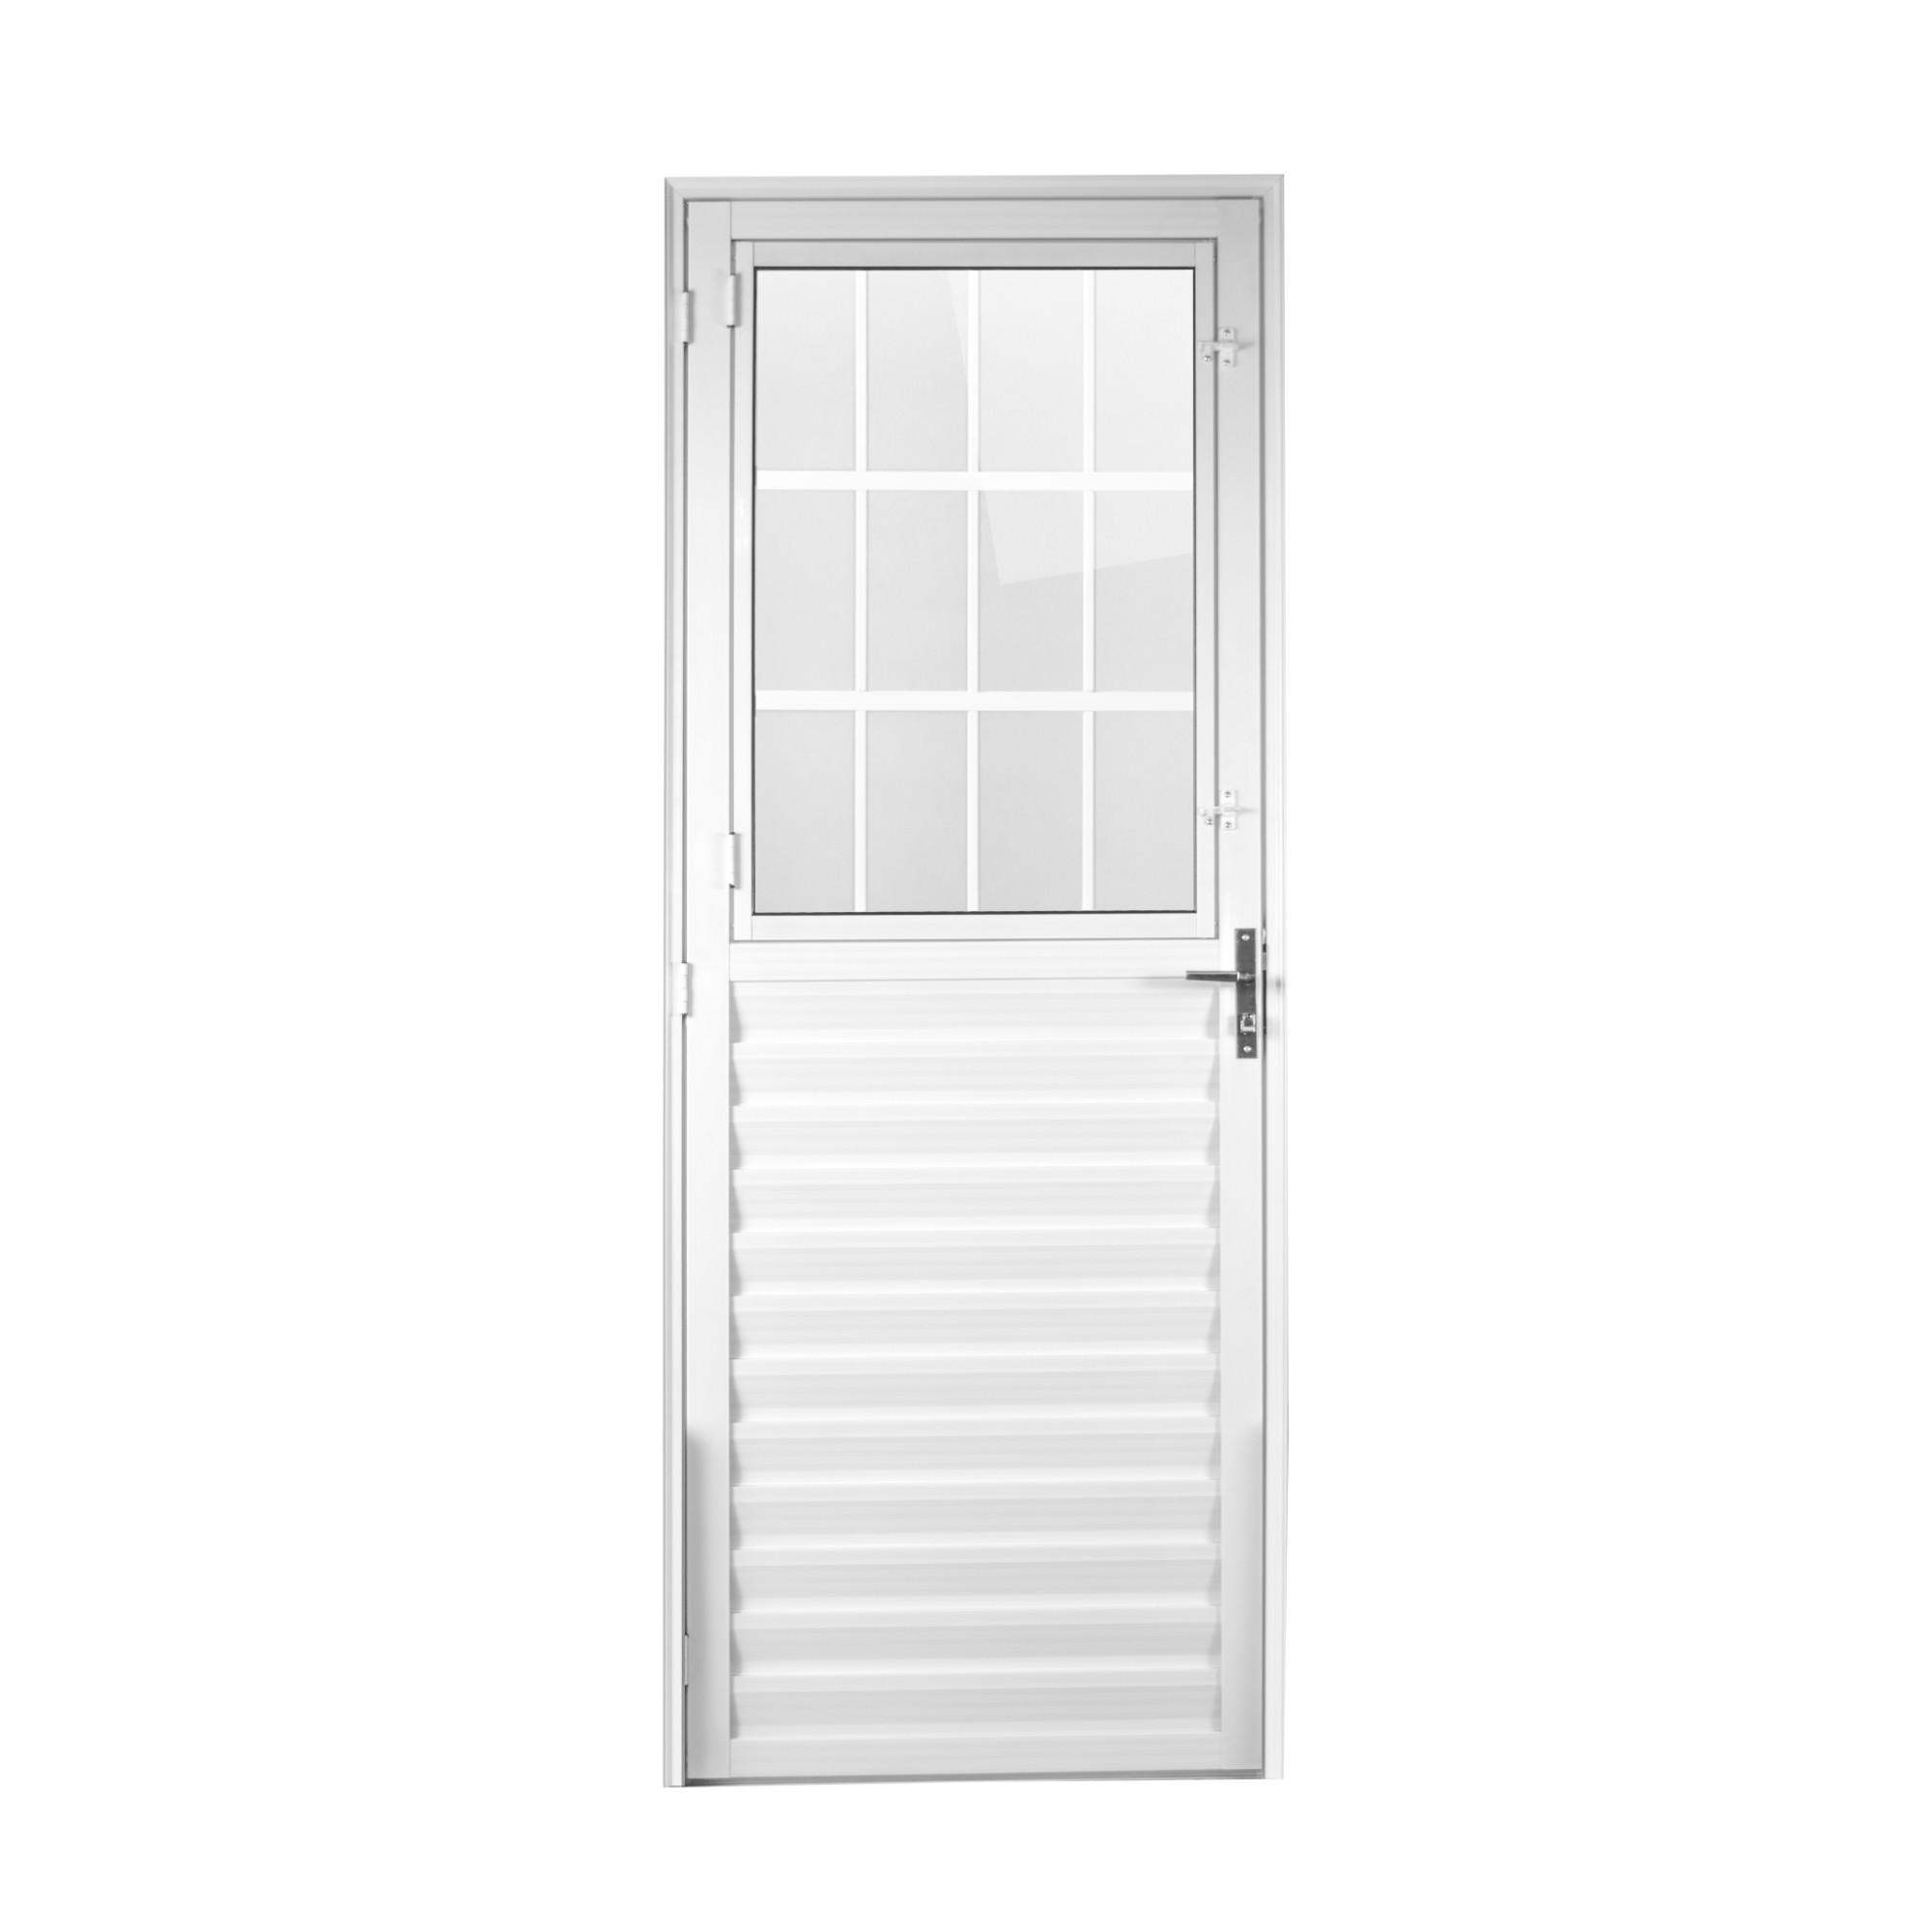 Porta de Abrir de Aluminio Postigo 210x80cm Branca Lado Direito 918245 - Aluvid